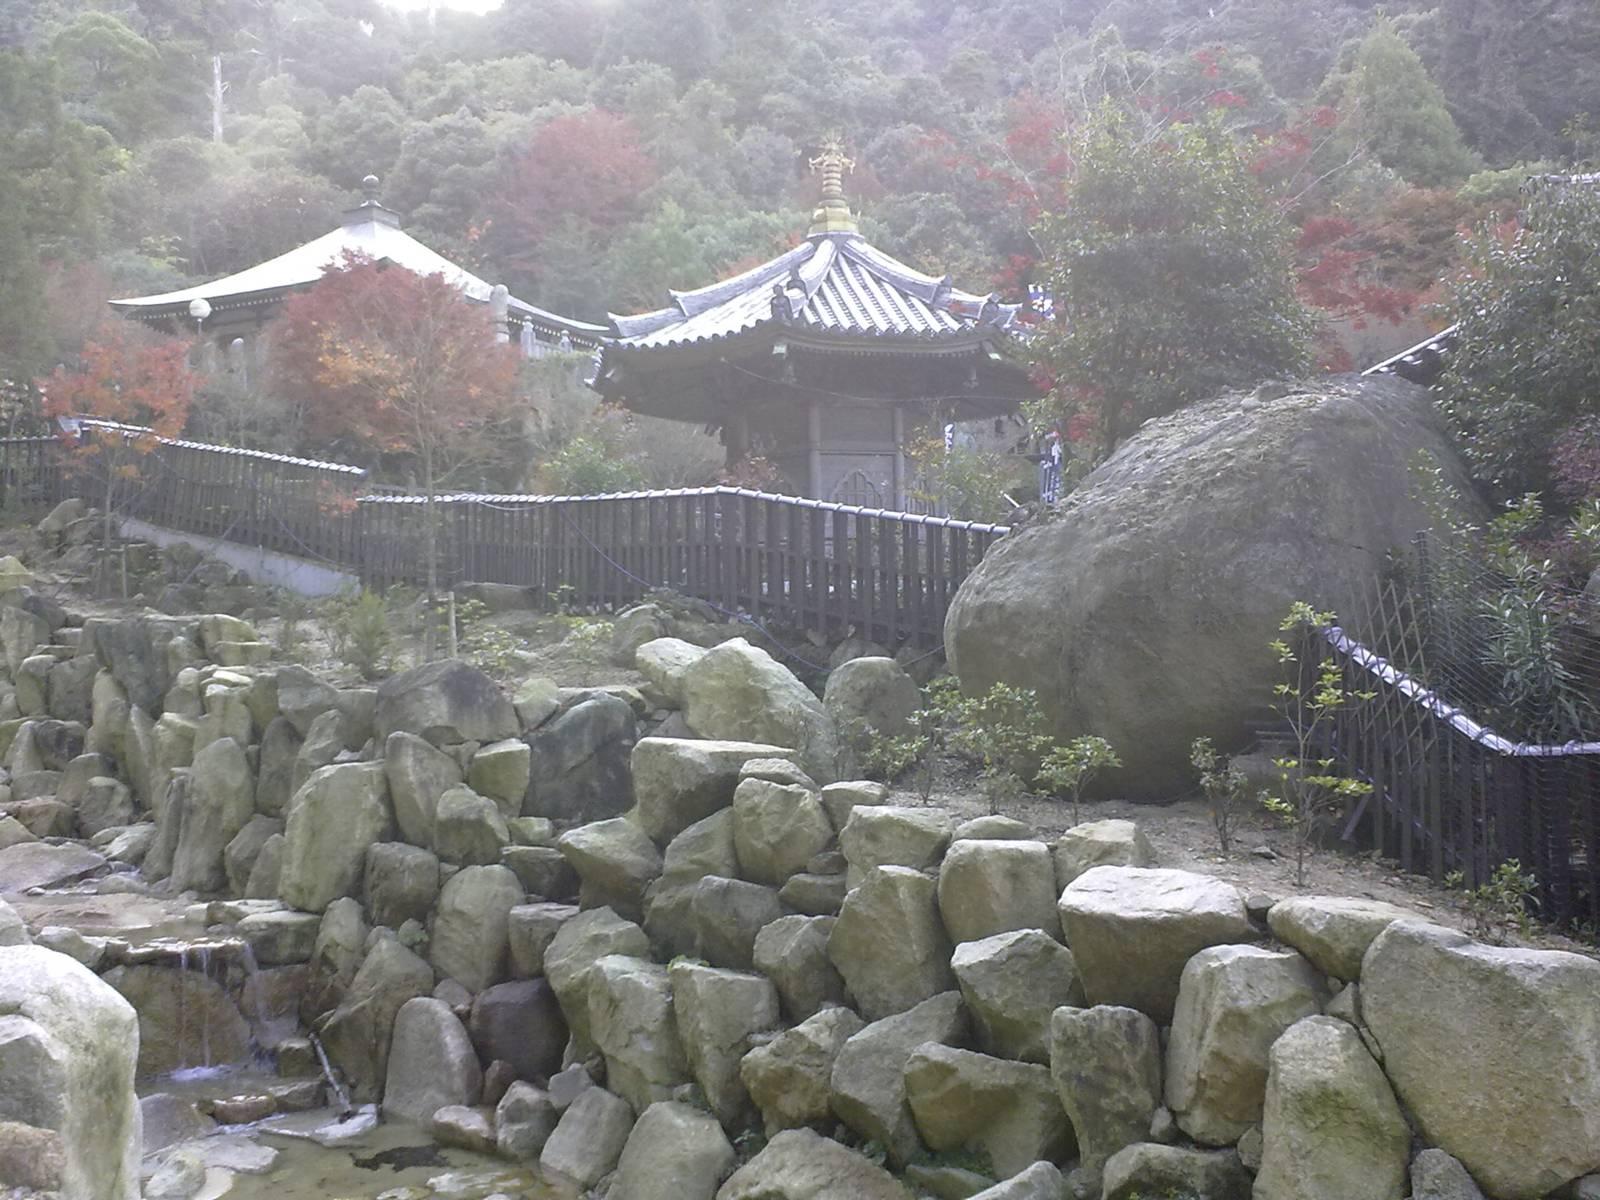 Giappone-miyajima-isola-hiroshima-bay-viaggiare-japan